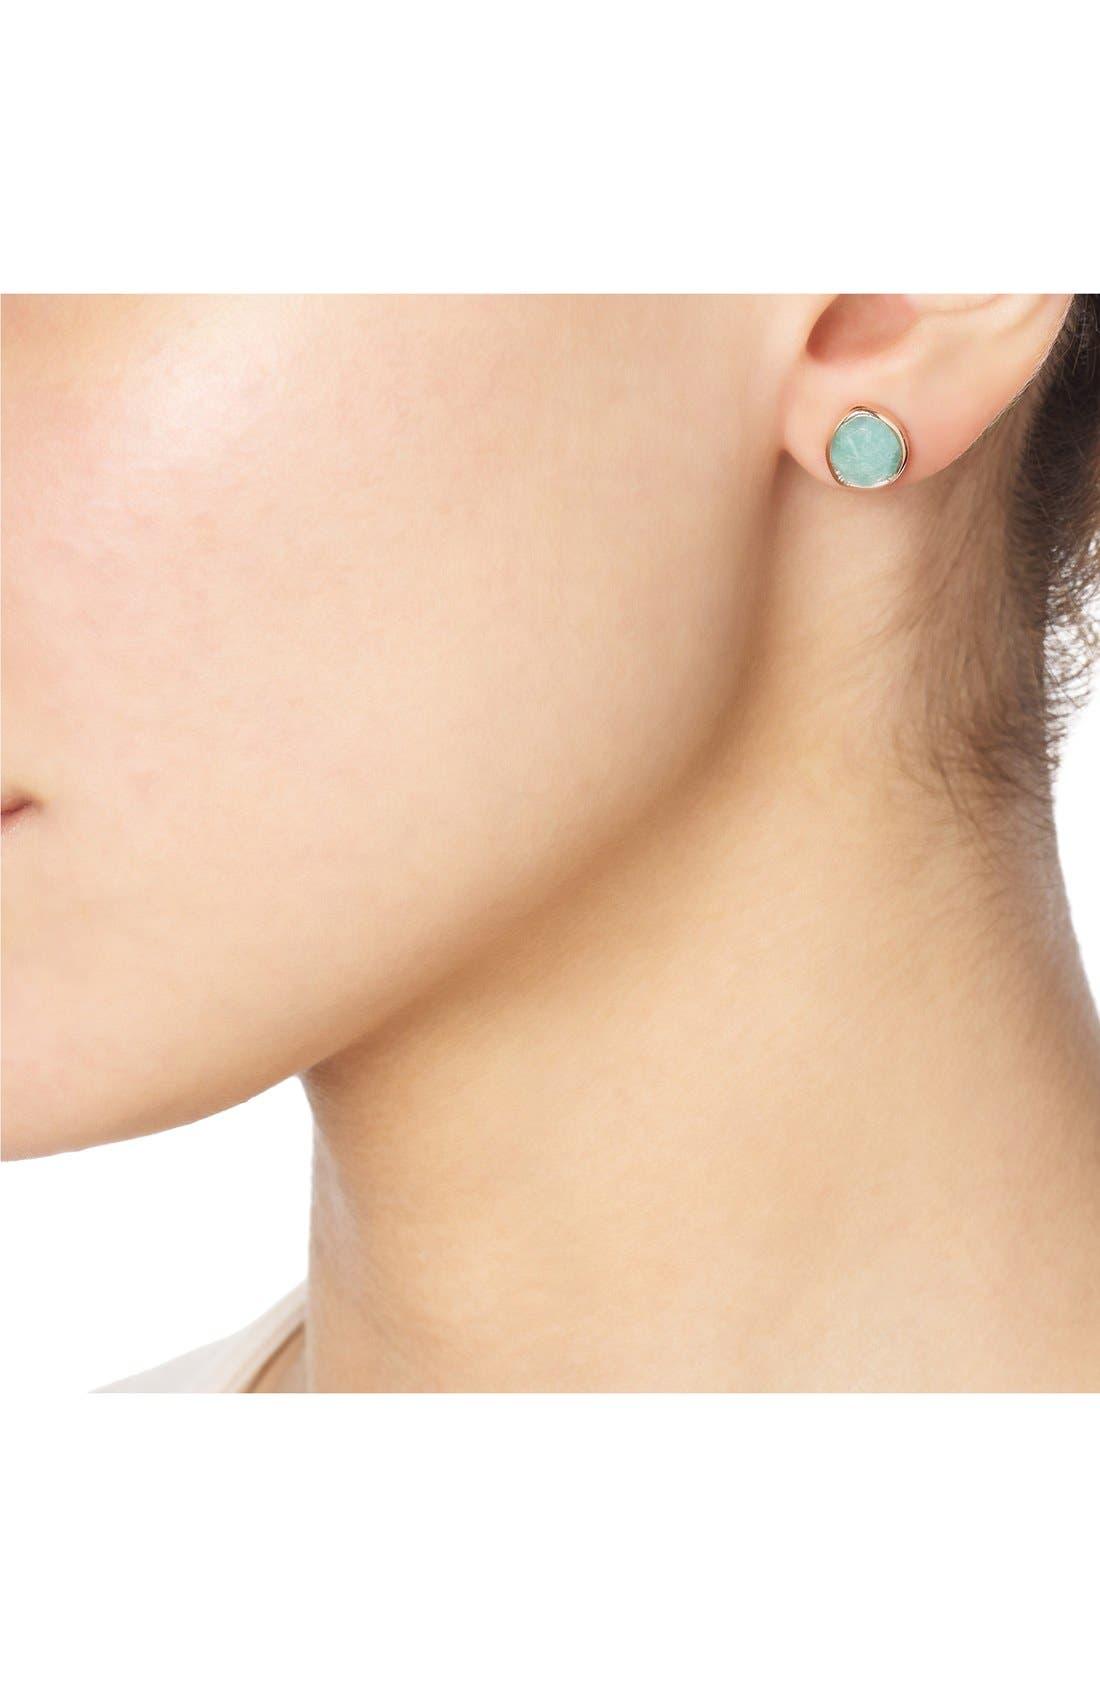 Alternate Image 3  - Monica Vinader 'Siren' Semiprecious Stone Stud Earrings (Nordstrom Exclusive)